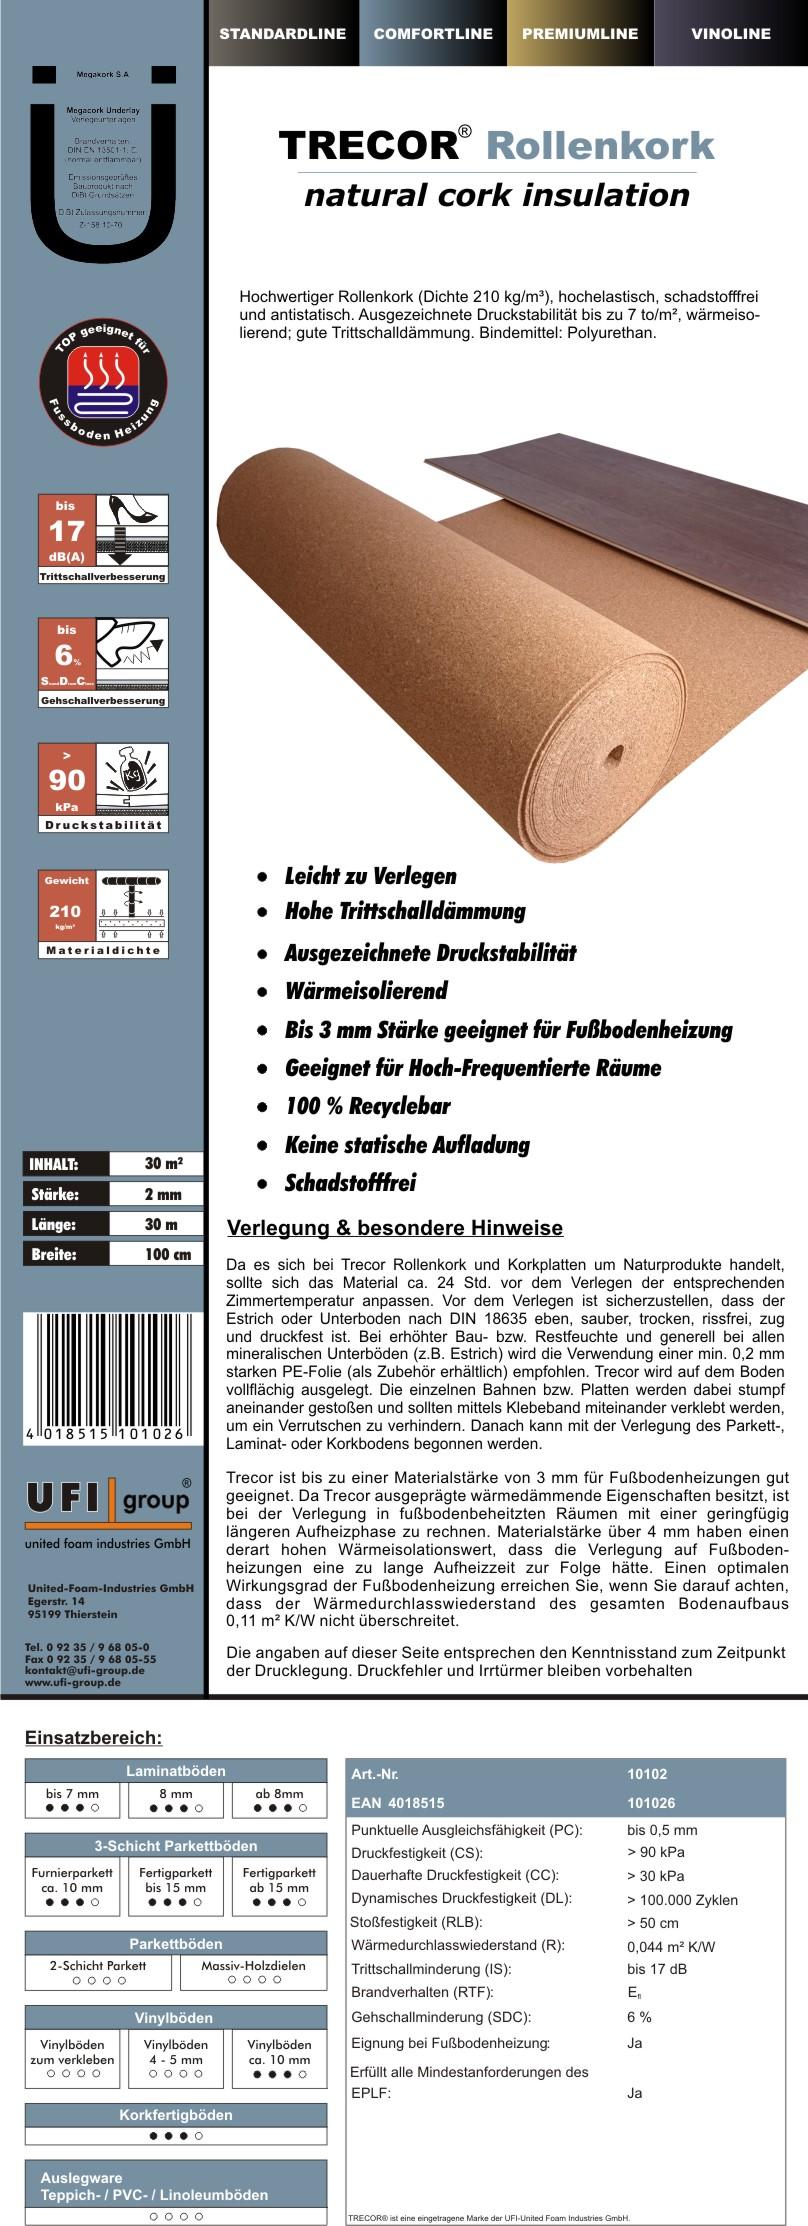 Rollenkork-2-mm-30-mlqD5jCfc3LbDF